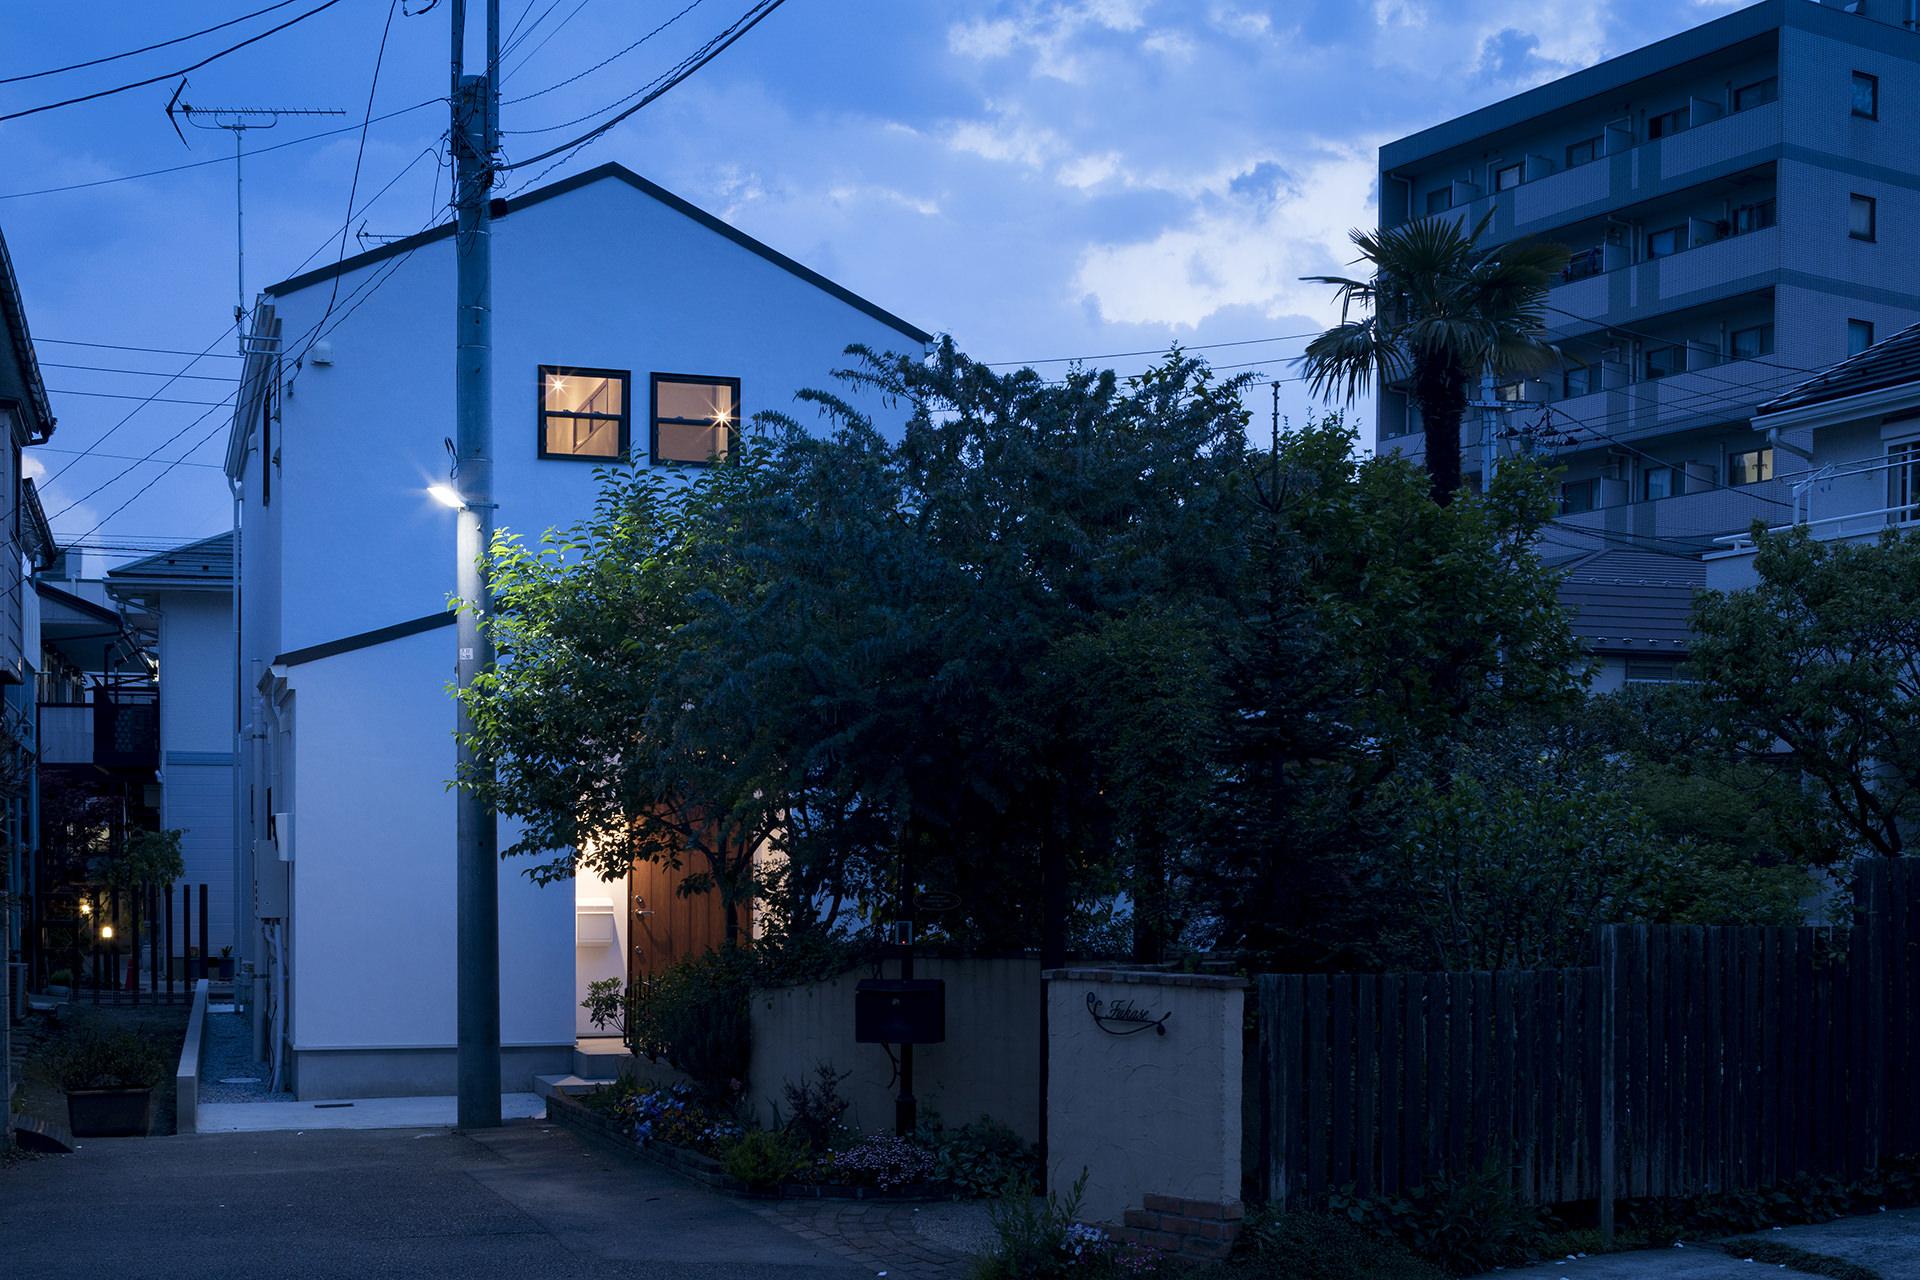 FS-HOME フラットハウス+ 撮影イメージ21 撮影:東涌写真事務所・東涌宏和